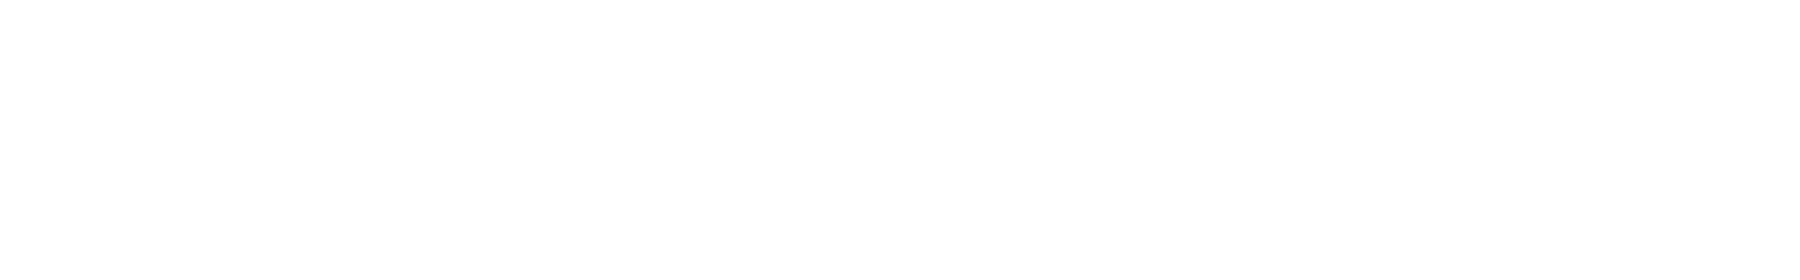 synthpad 20